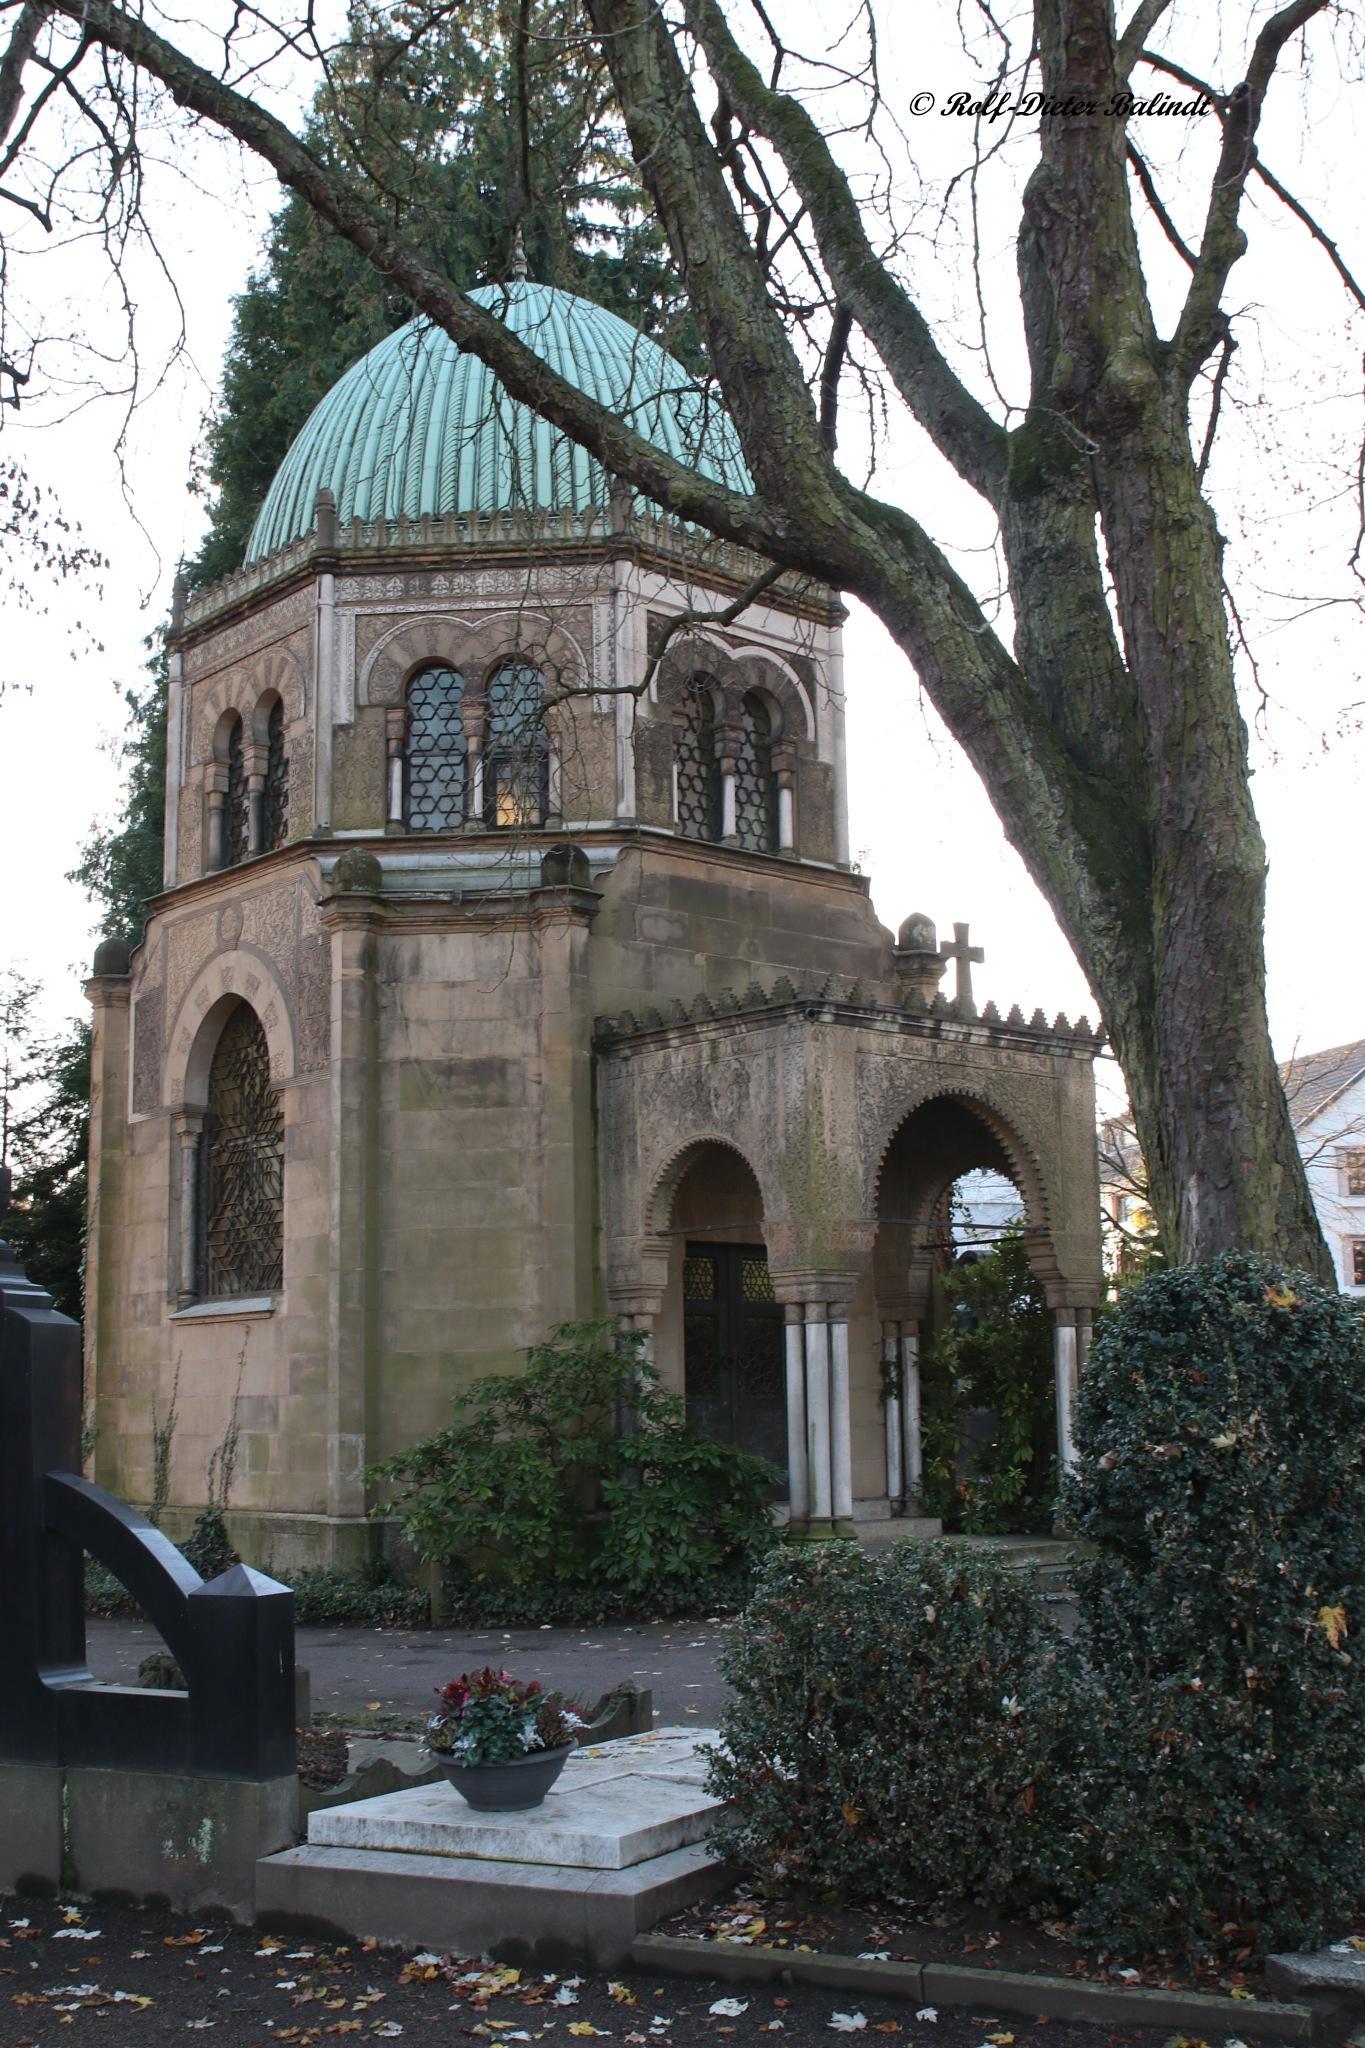 Bonn by Rolf-Dieter Balindt